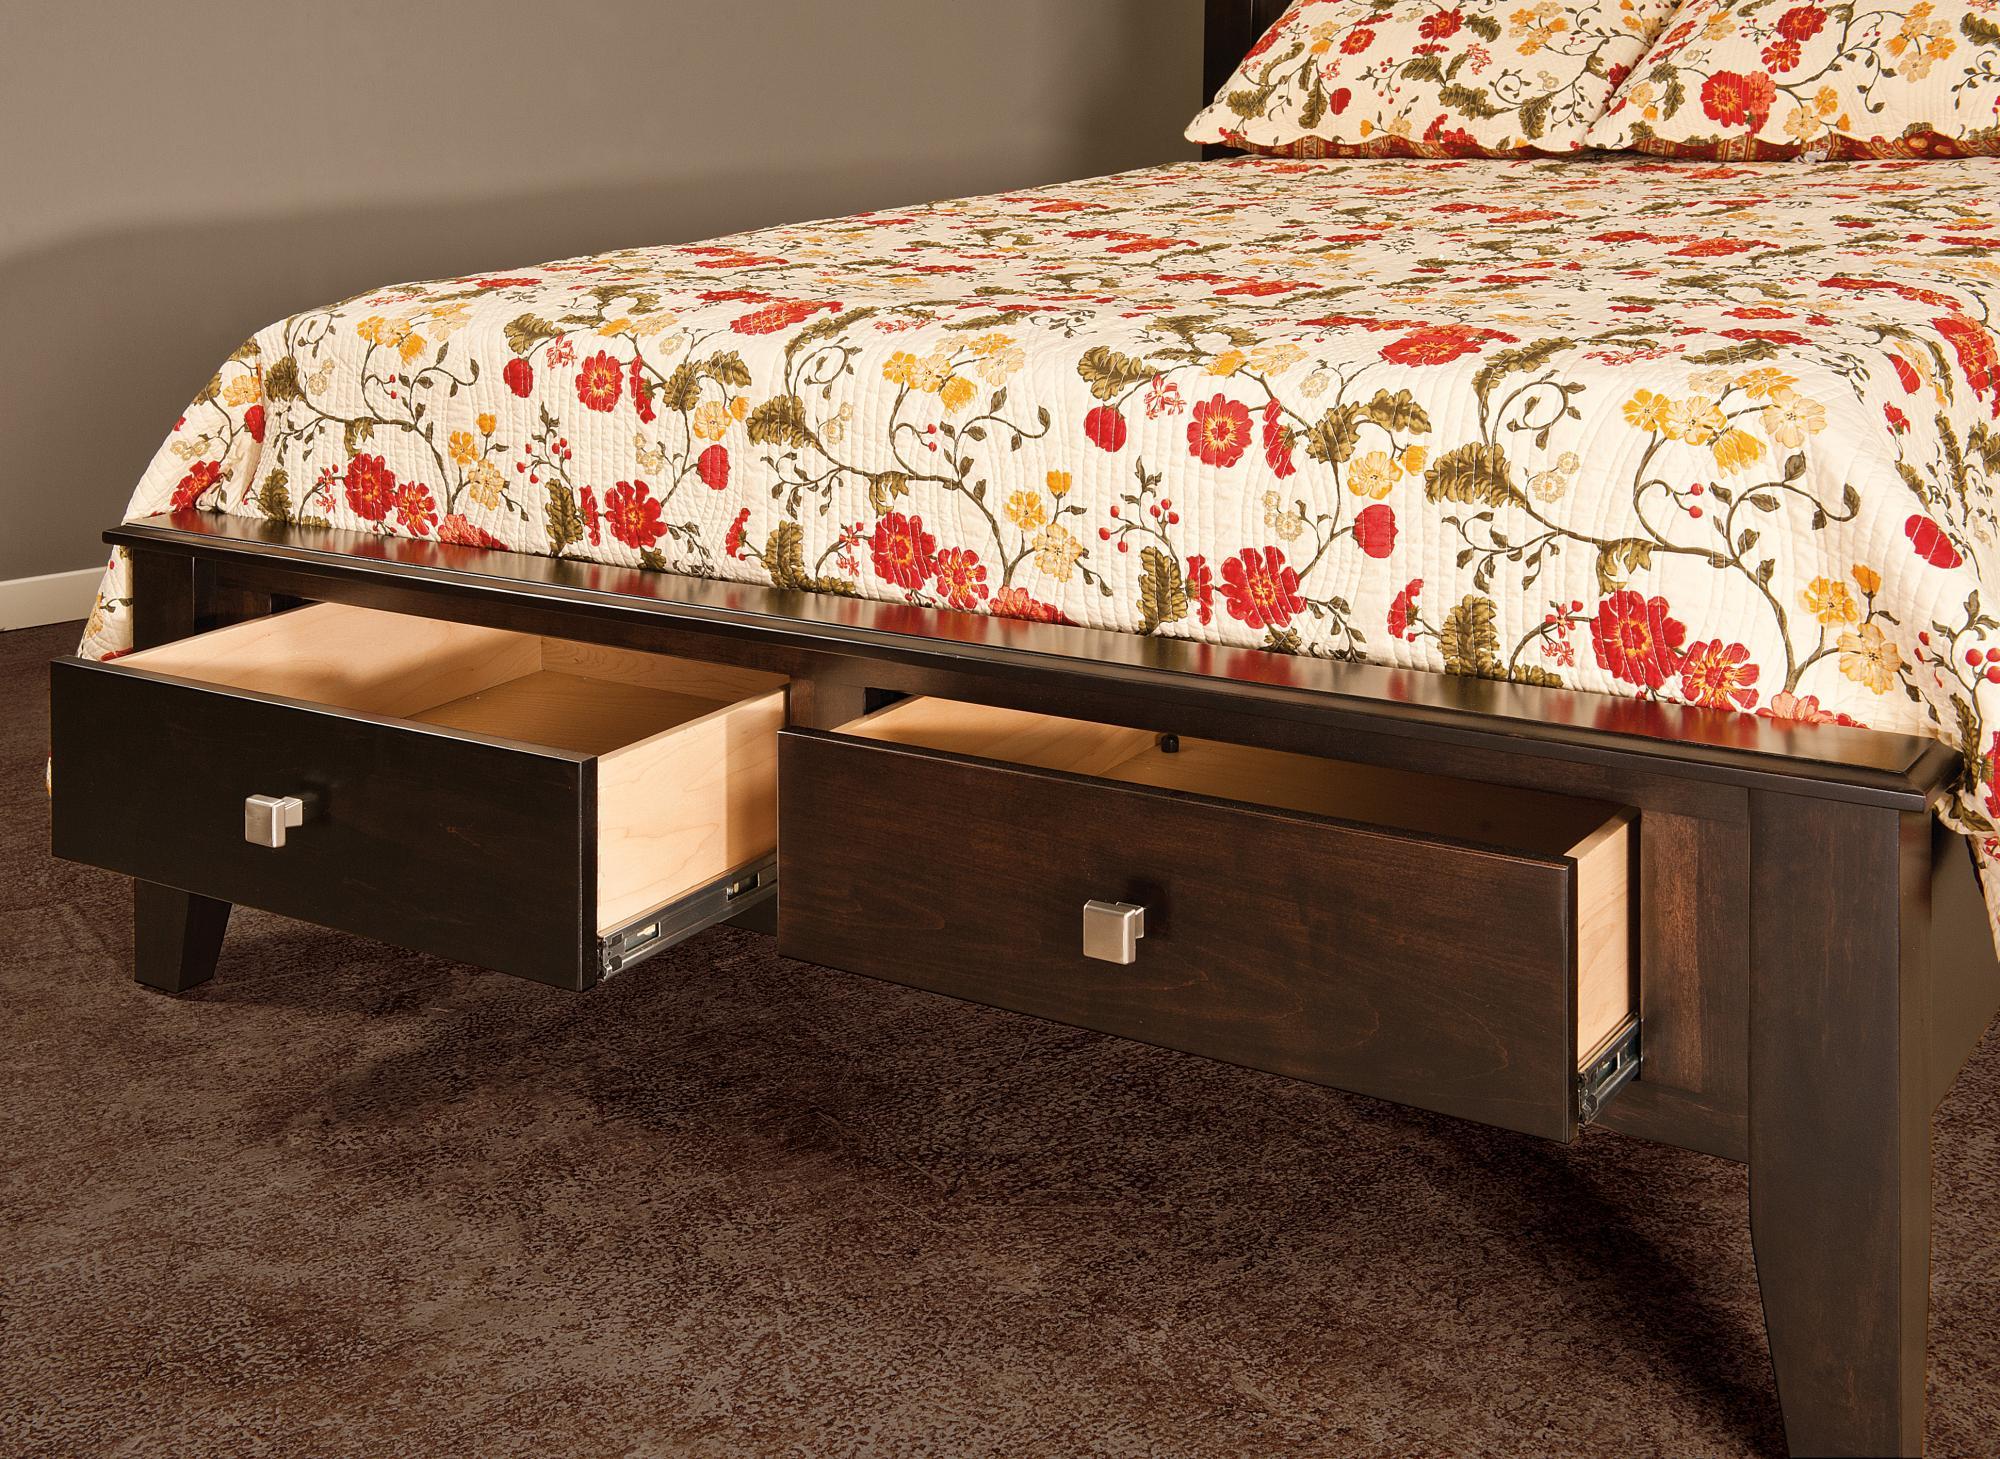 Venice Bed Amish Furniture Store Mankato Mn